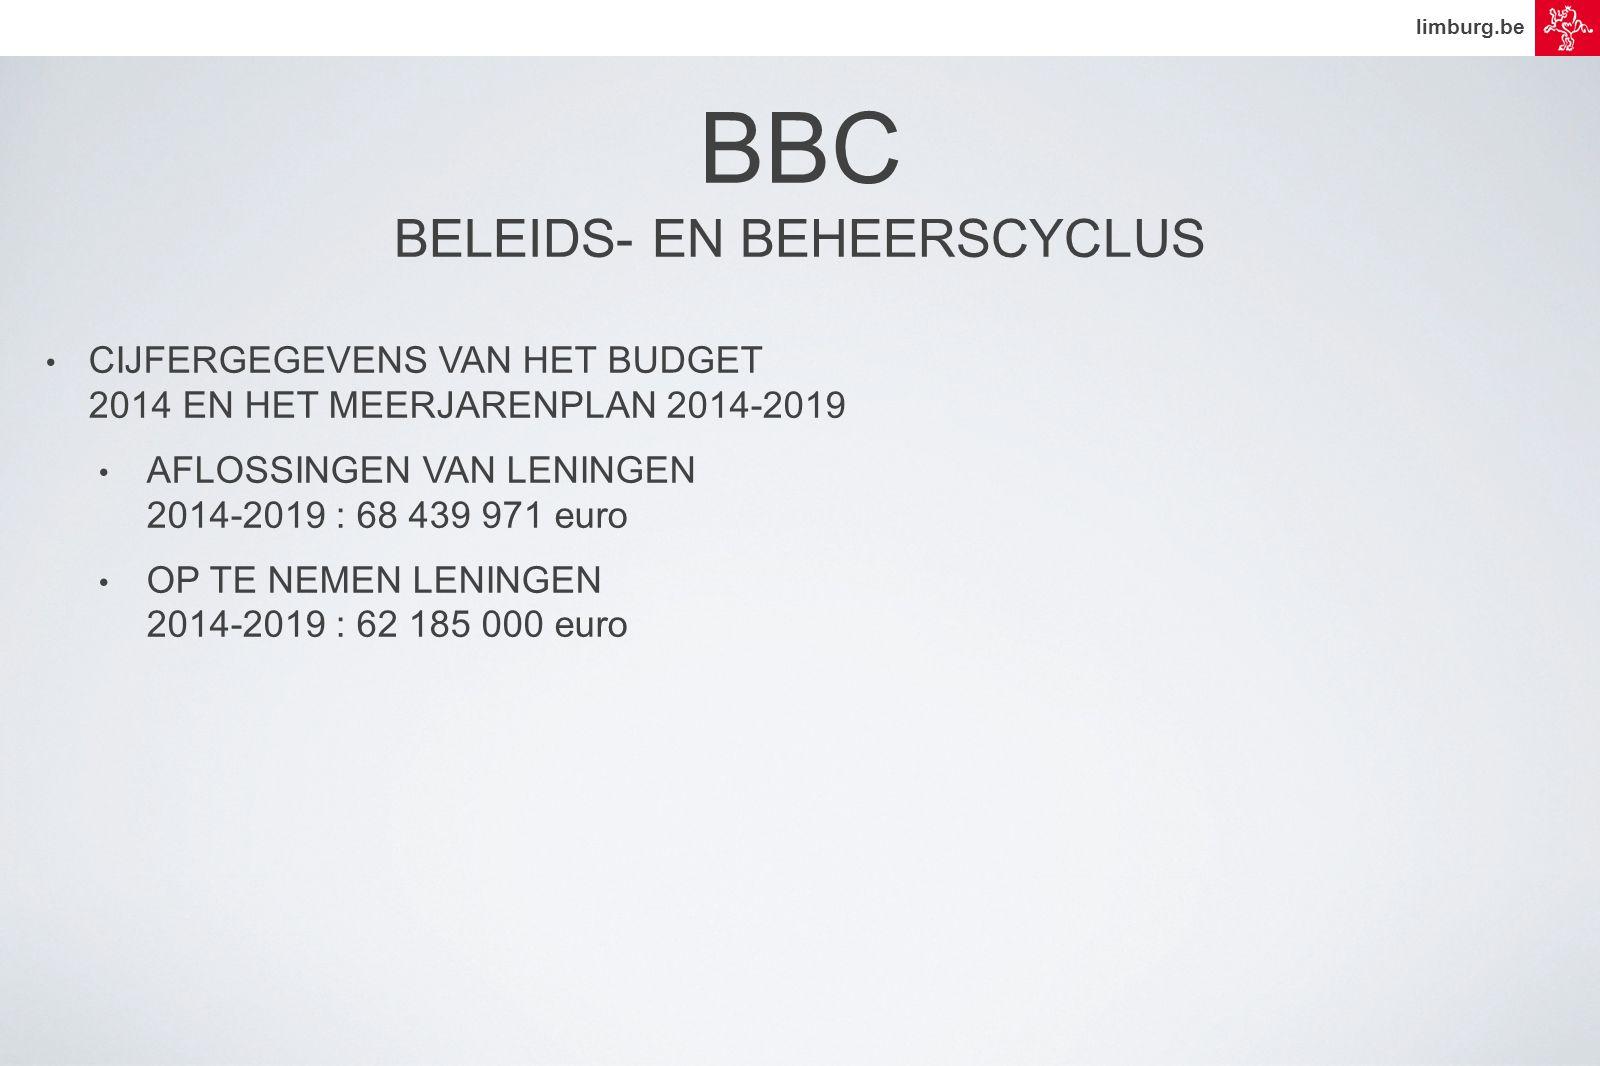 limburg.be • CIJFERGEGEVENS VAN HET BUDGET 2014 EN HET MEERJARENPLAN 2014-2019 • AFLOSSINGEN VAN LENINGEN 2014-2019 : 68 439 971 euro • OP TE NEMEN LENINGEN 2014-2019 : 62 185 000 euro BBC BELEIDS- EN BEHEERSCYCLUS